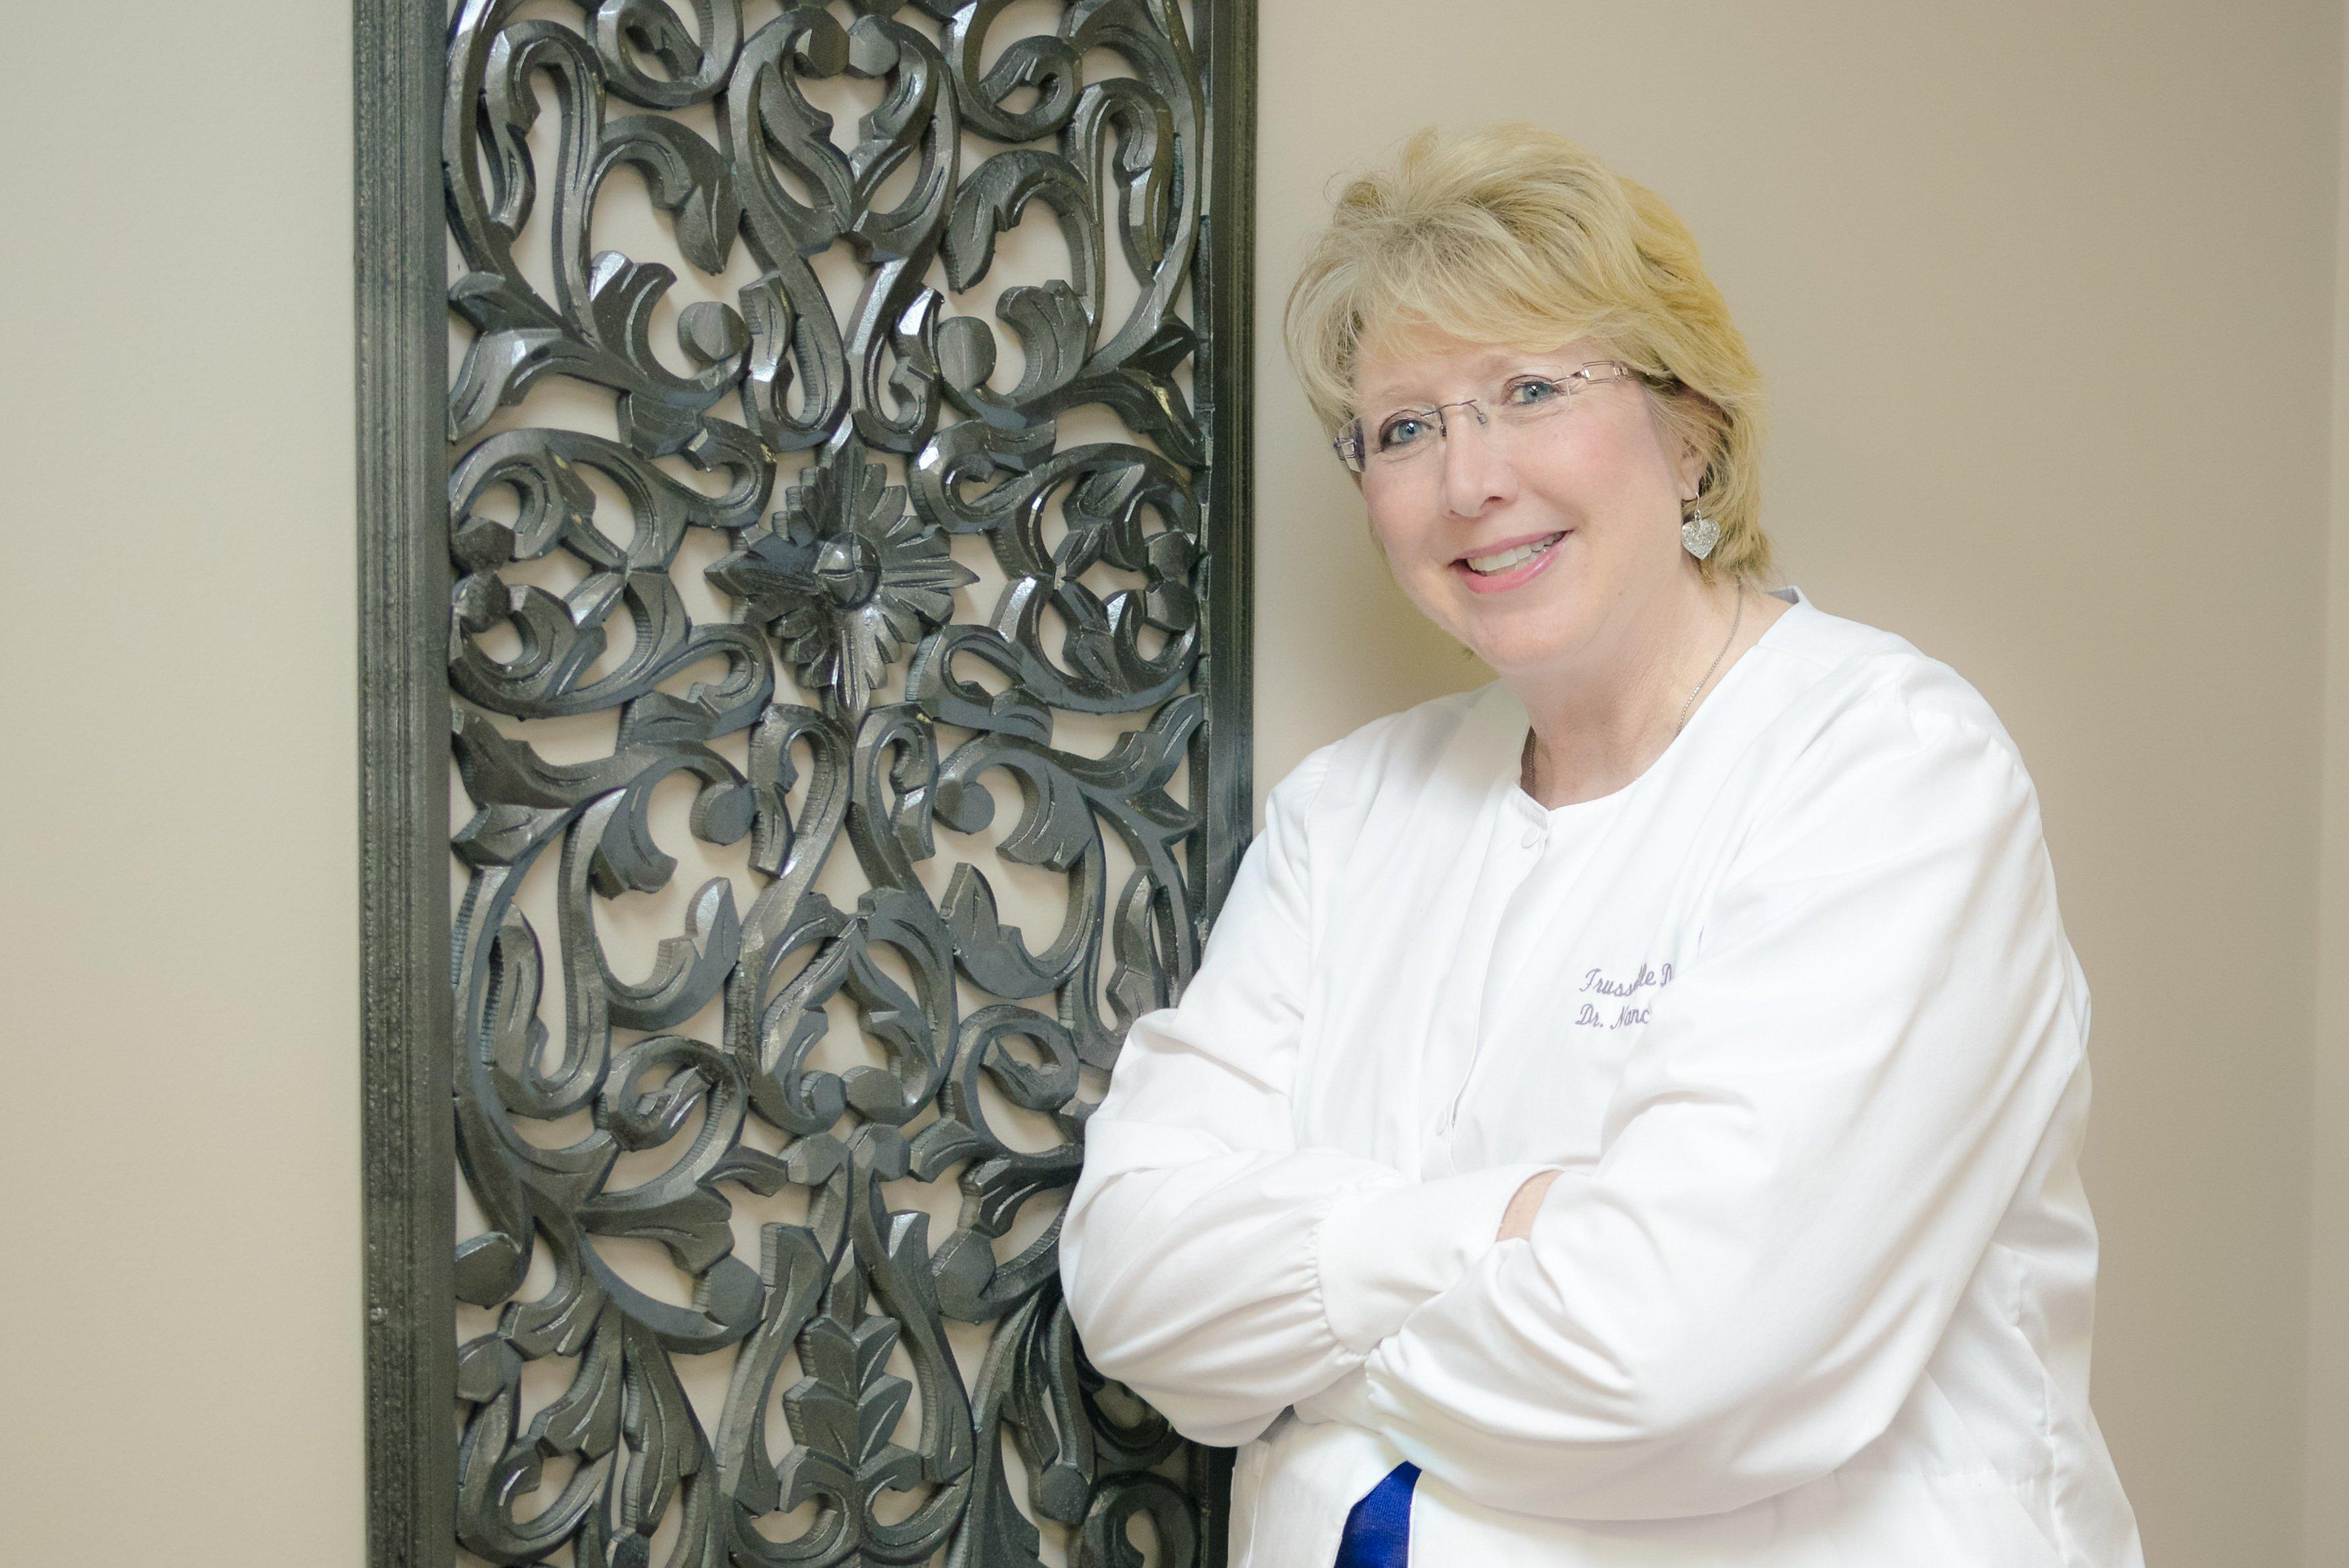 Dr. Nancy A. Gafford